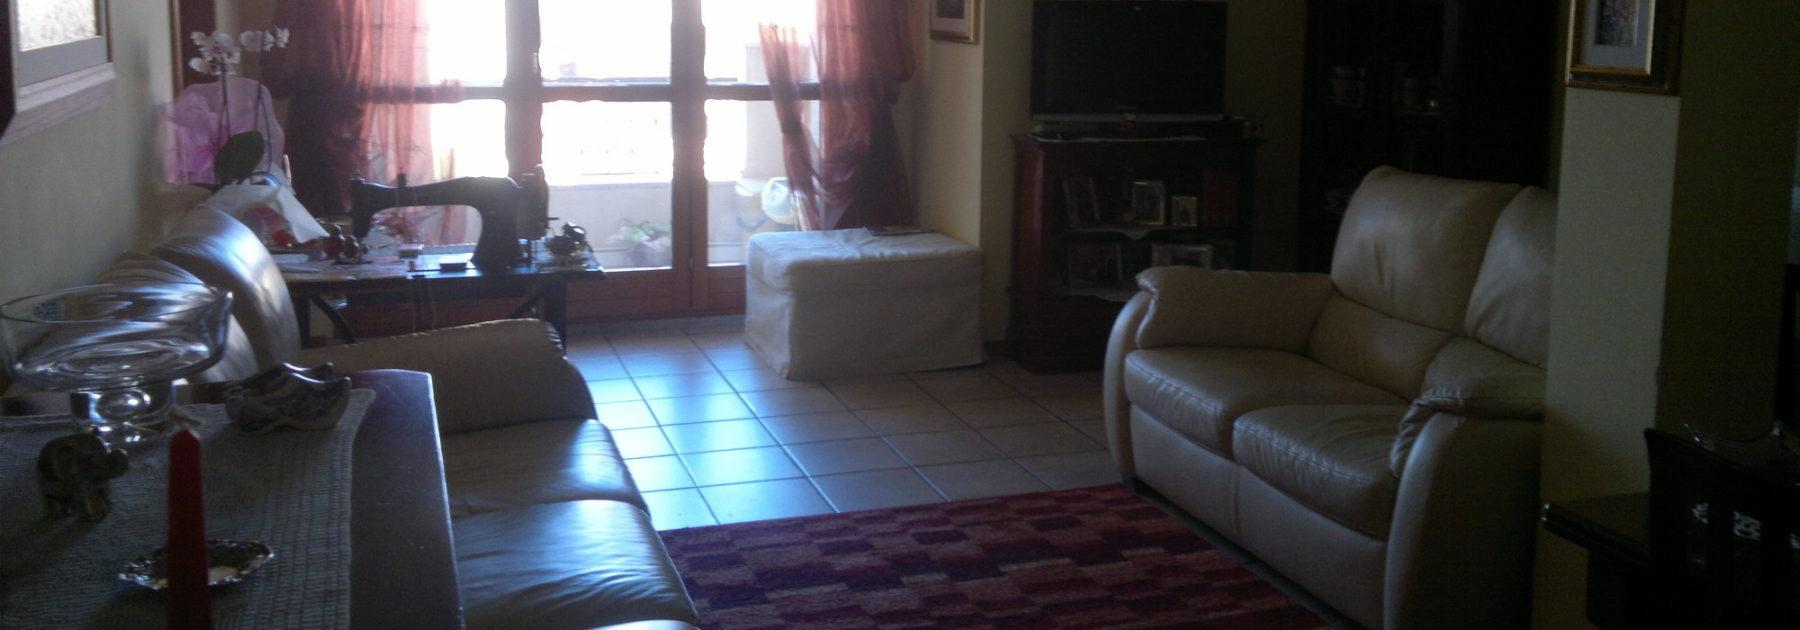 Appartamento trivano signorile Cuccuru e Portu Santa Giusta   Copia